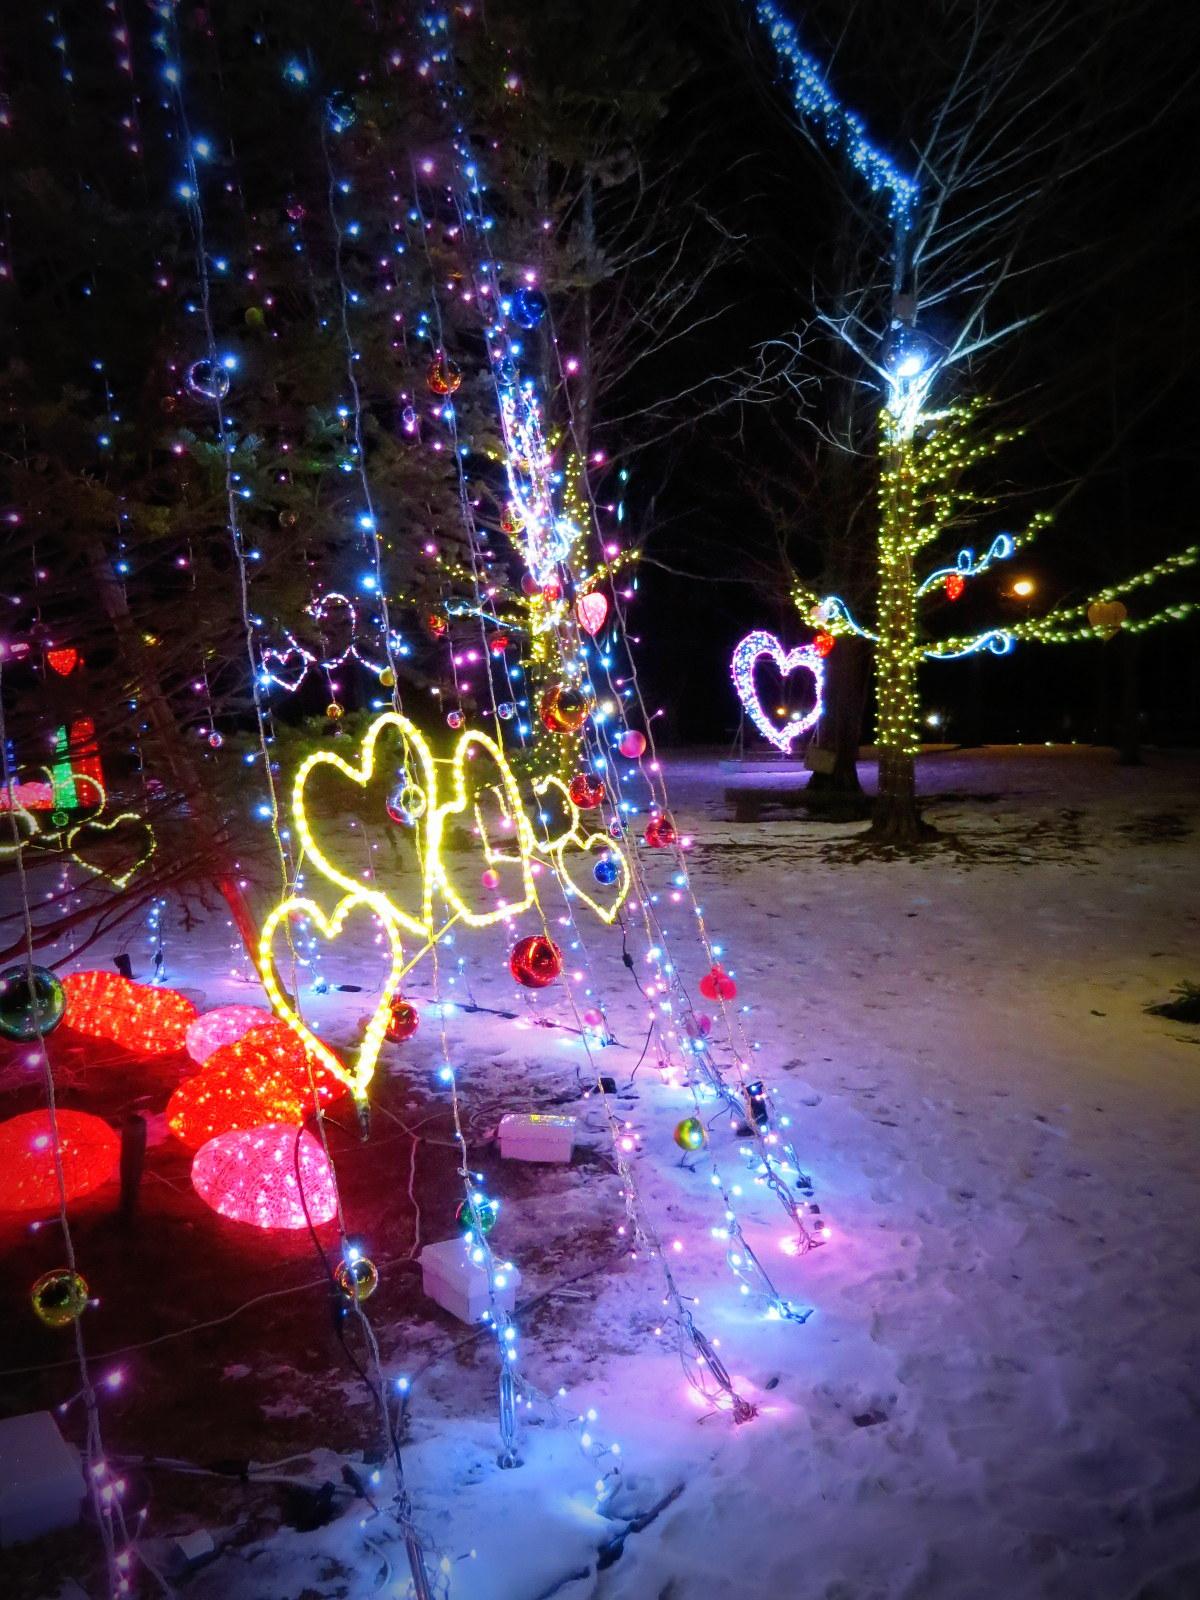 2015軽井沢・冬ものがたり☆Valentine in 軽井沢_f0236260_18183749.jpg